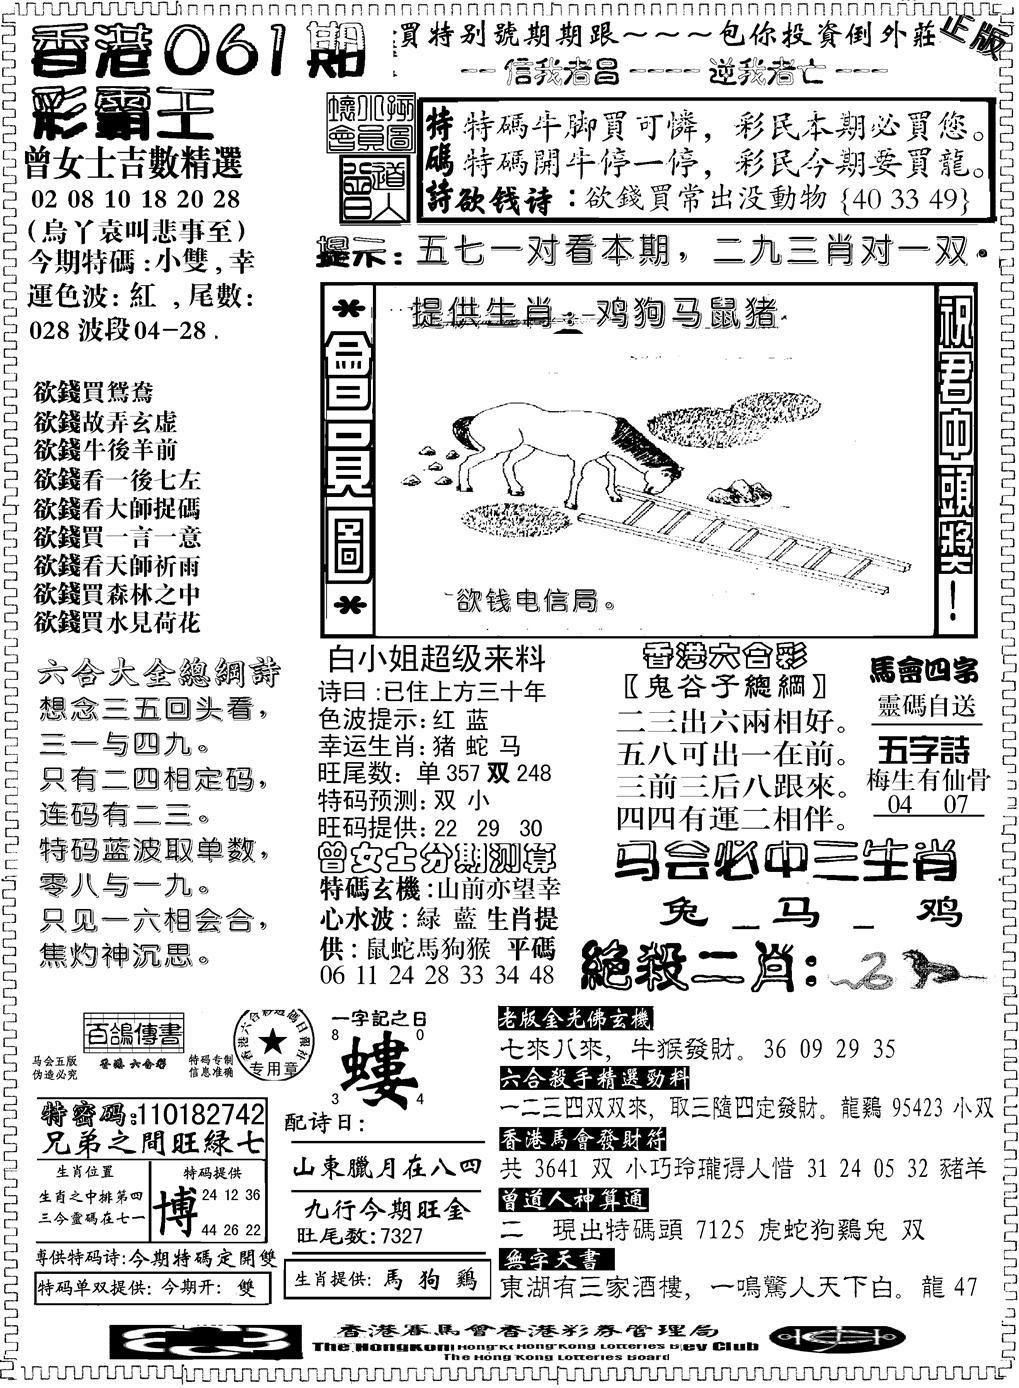 061期另版新版彩霸王B(黑白)